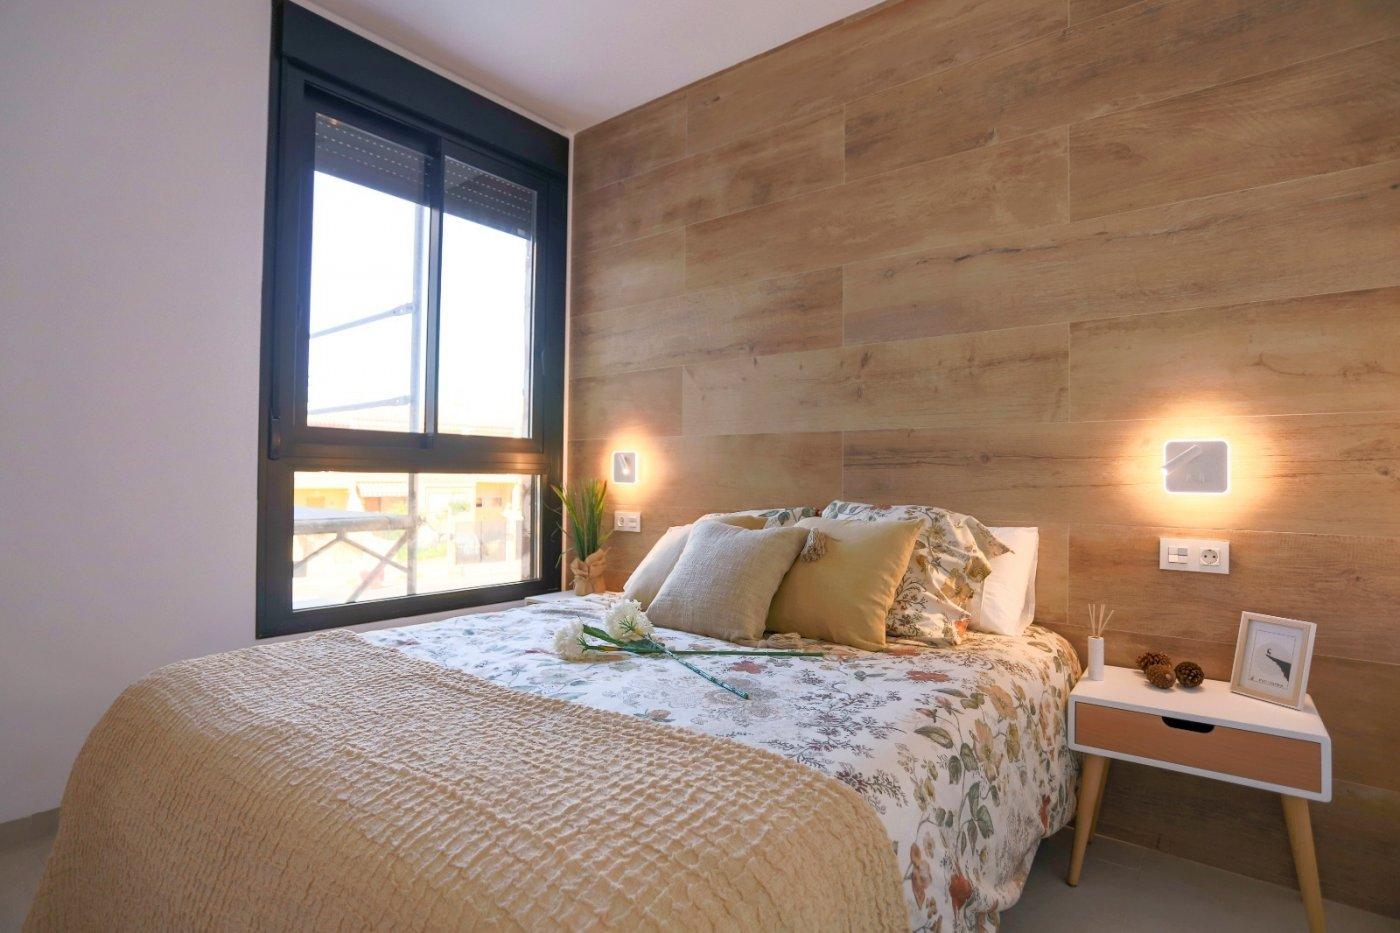 Apartamento moderno en san pedro del pinatar - imagenInmueble16